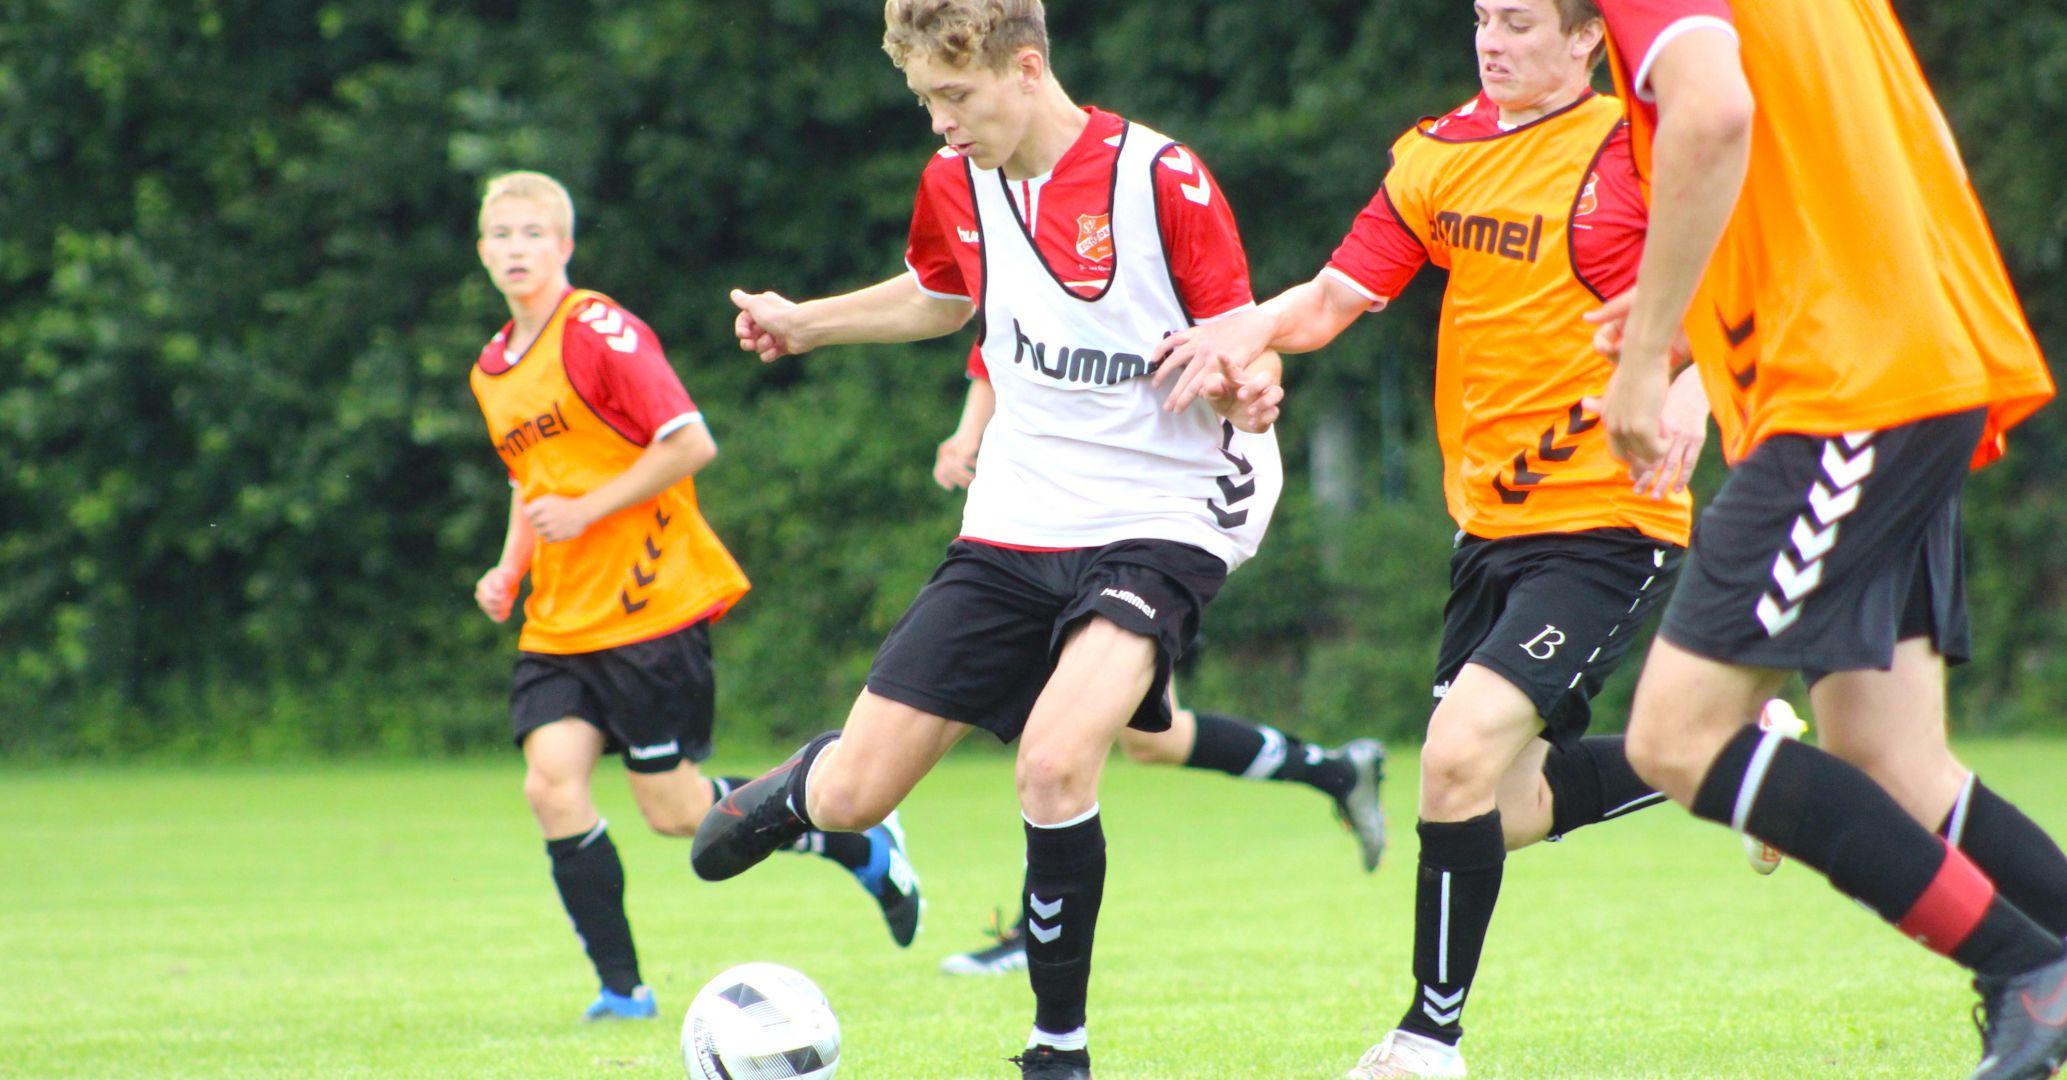 Mit Kurz-Trainingslager: U19 des SV Eichede startet in die Saisonvorbereitung